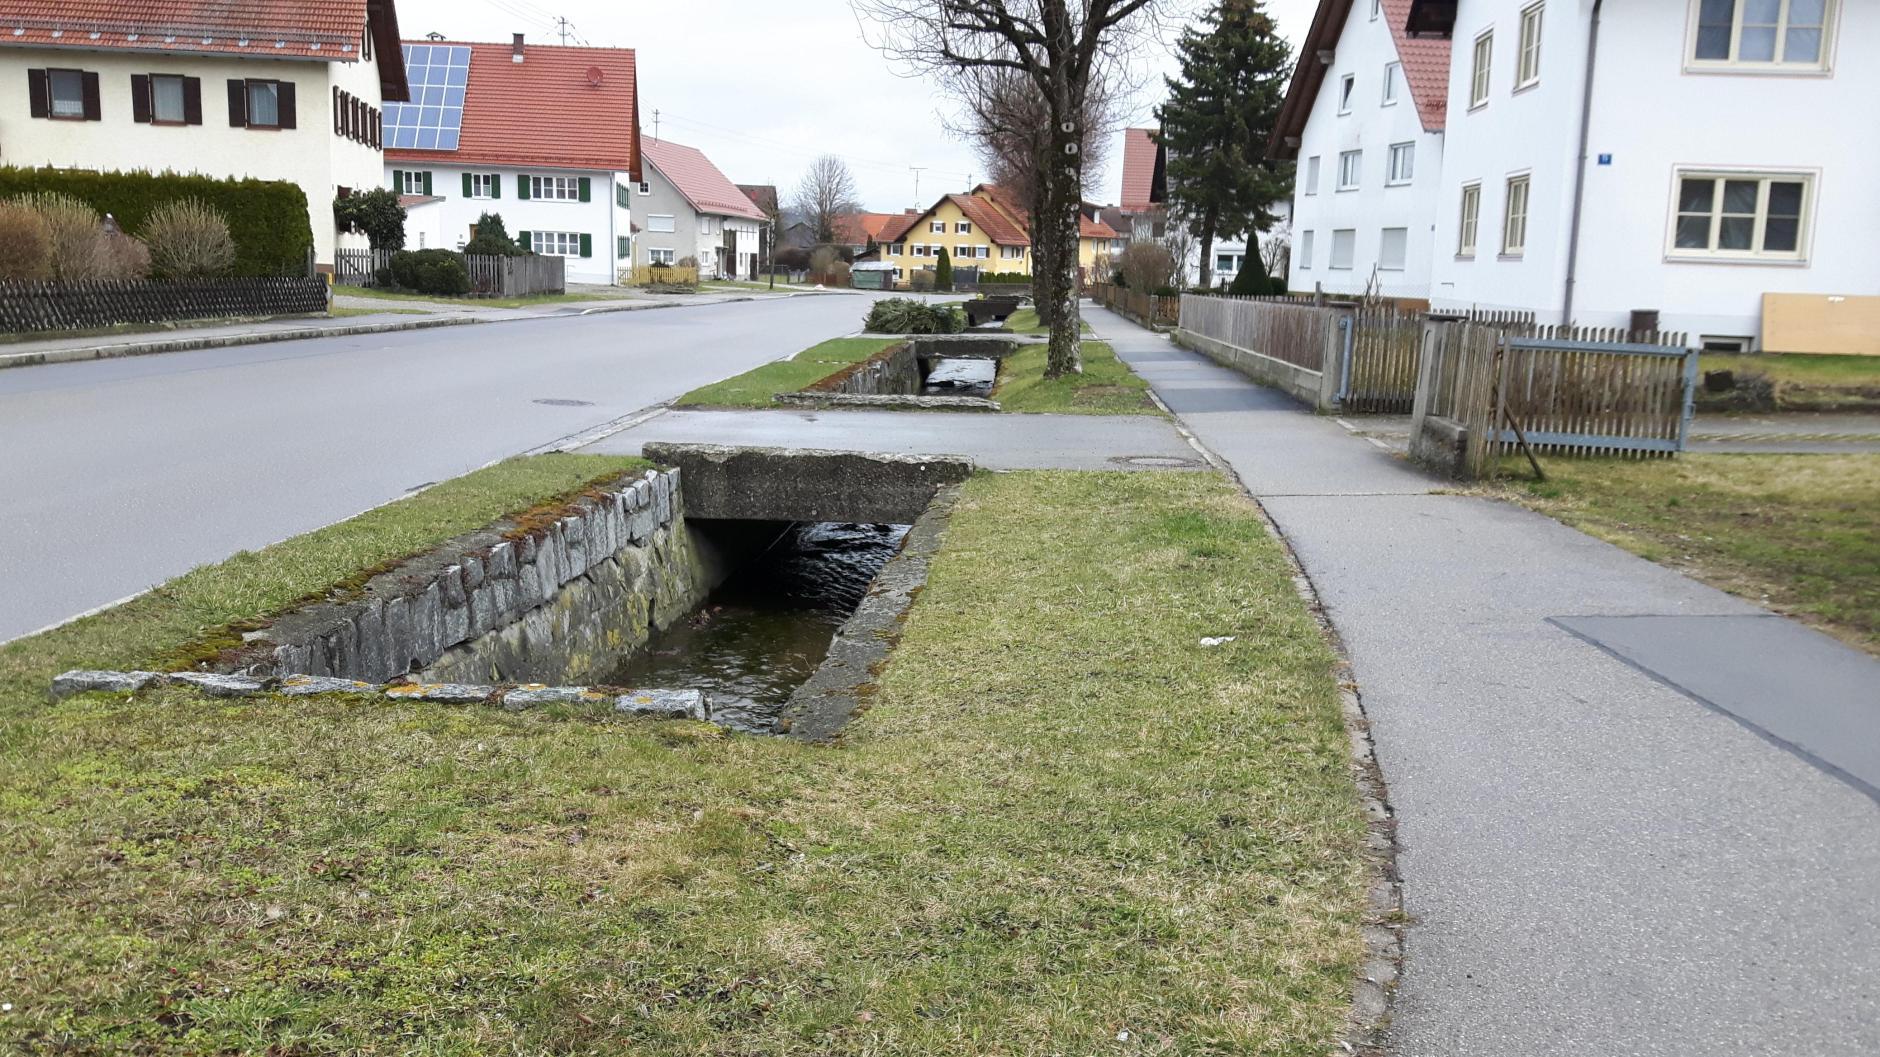 Tussenhausen Mattsies